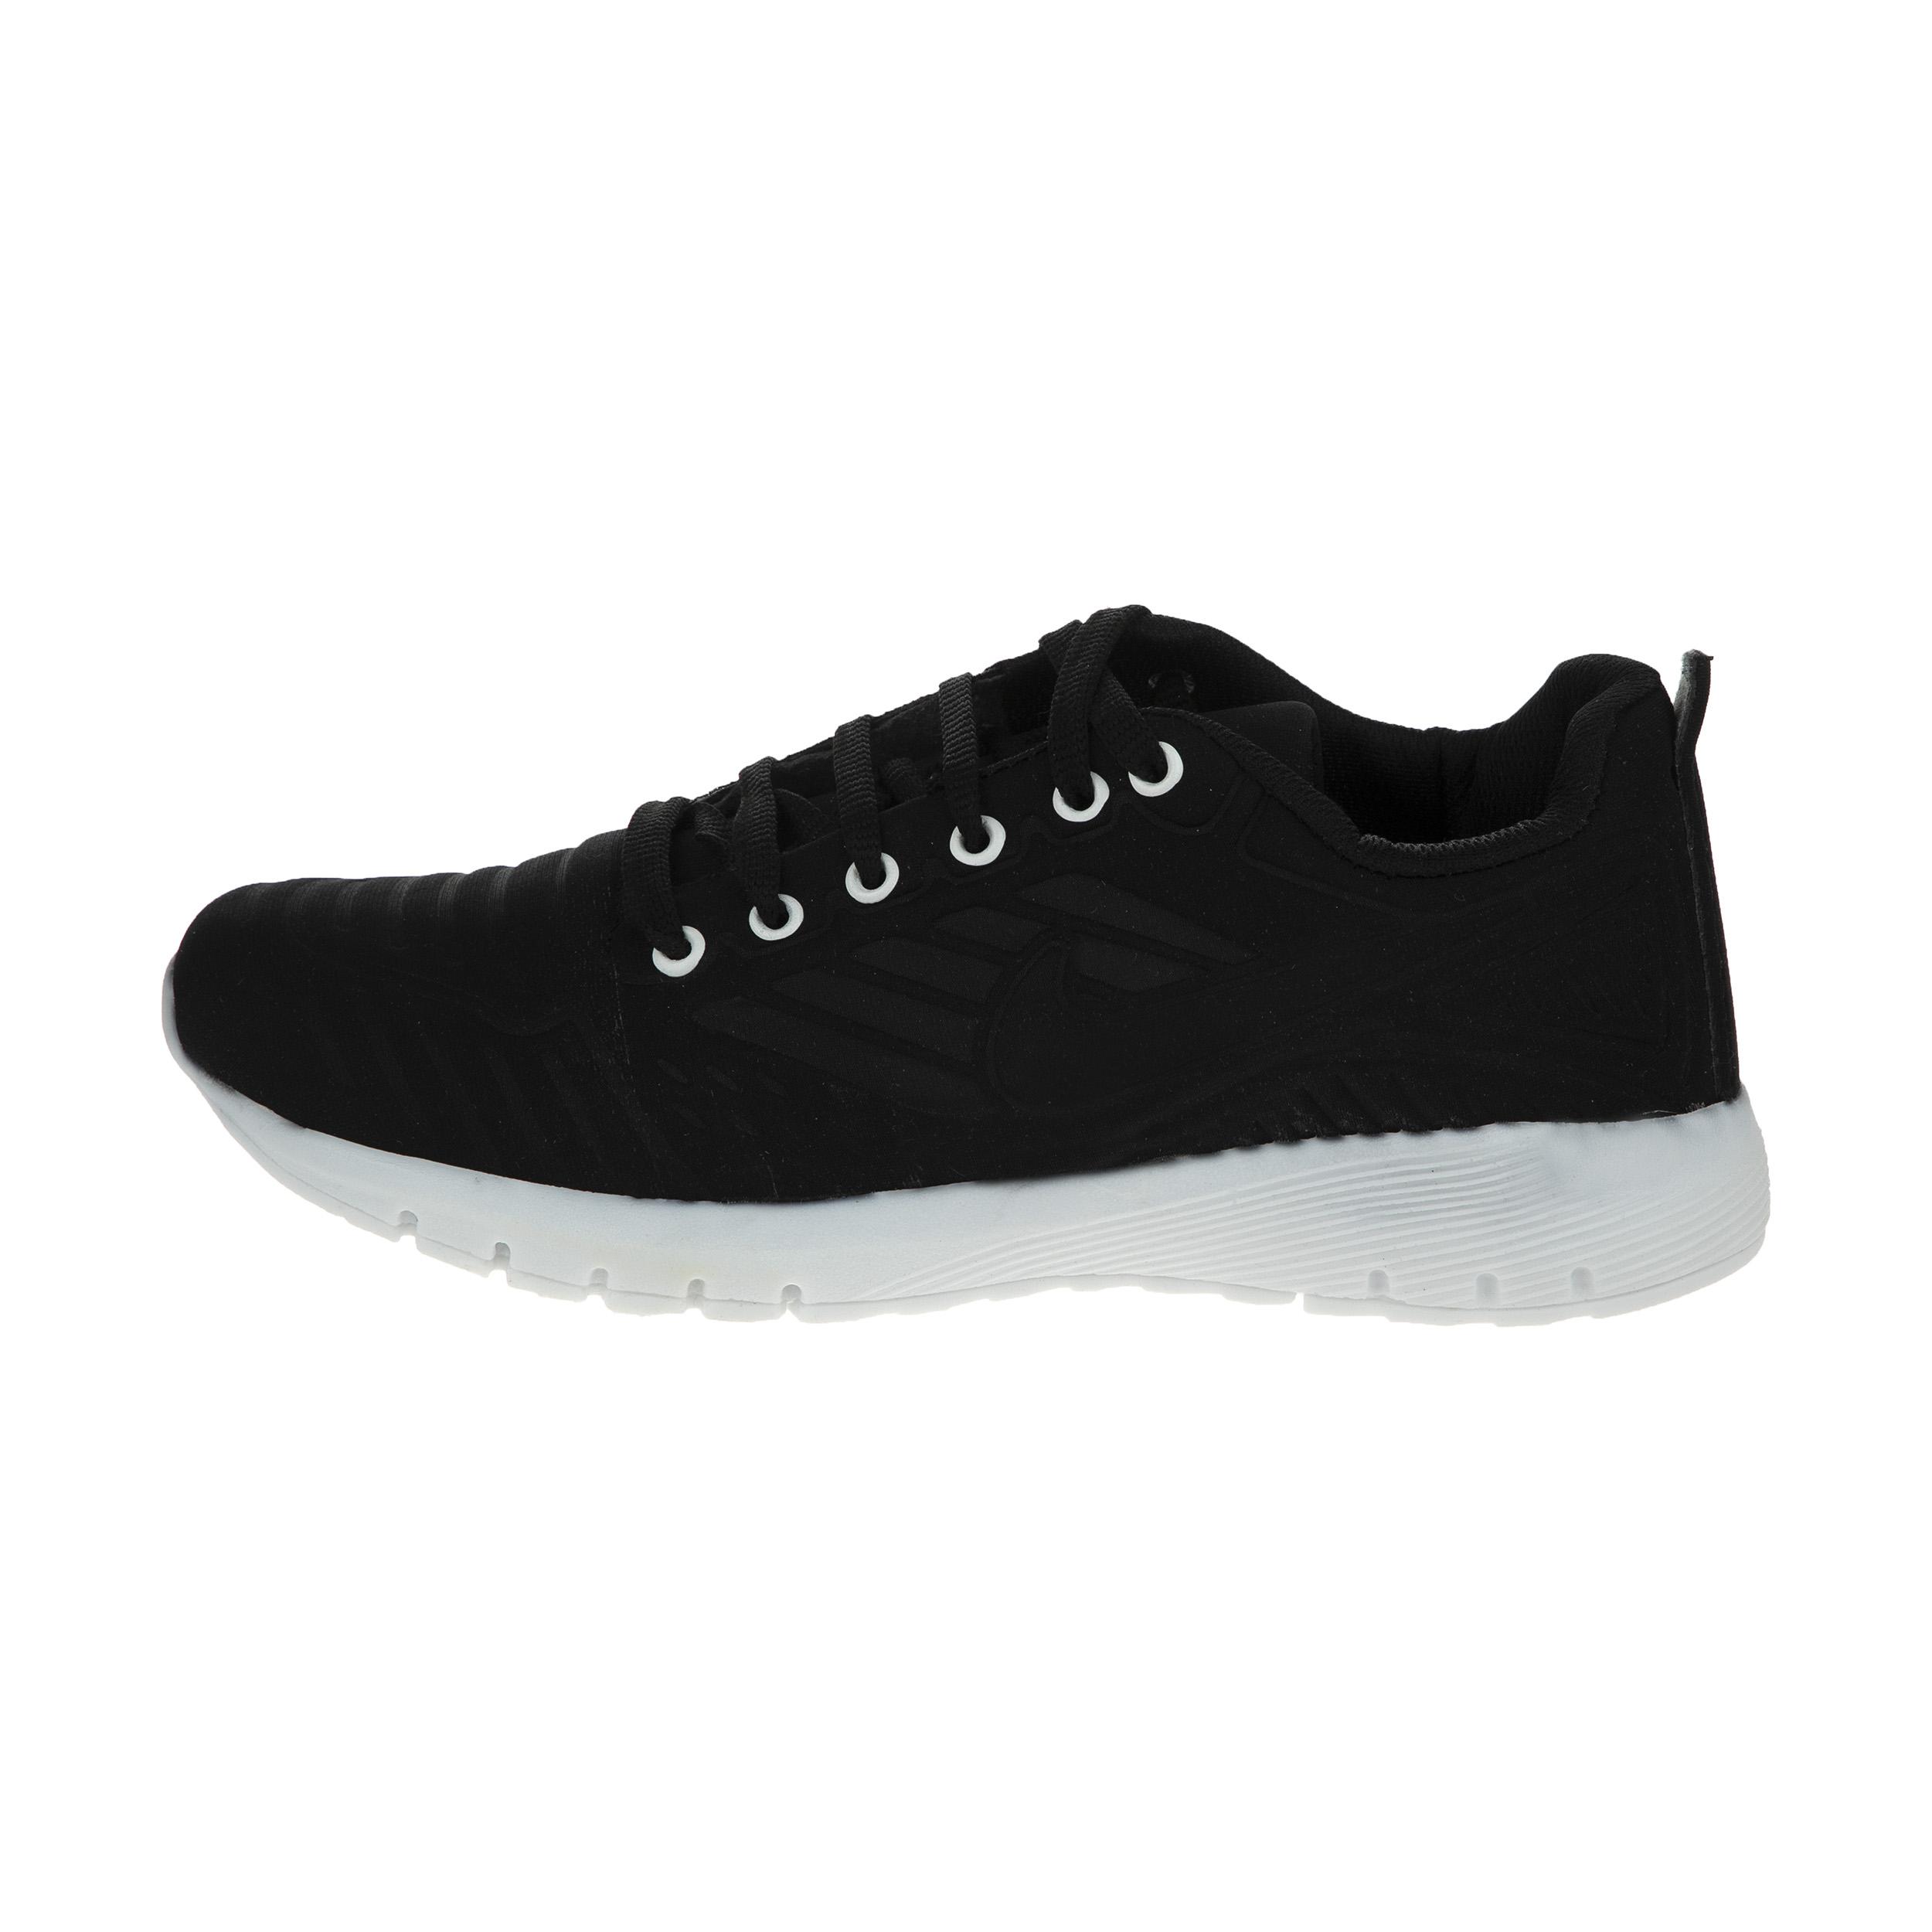 کفش مخصوص پیاده روی مردانه کد 353000502